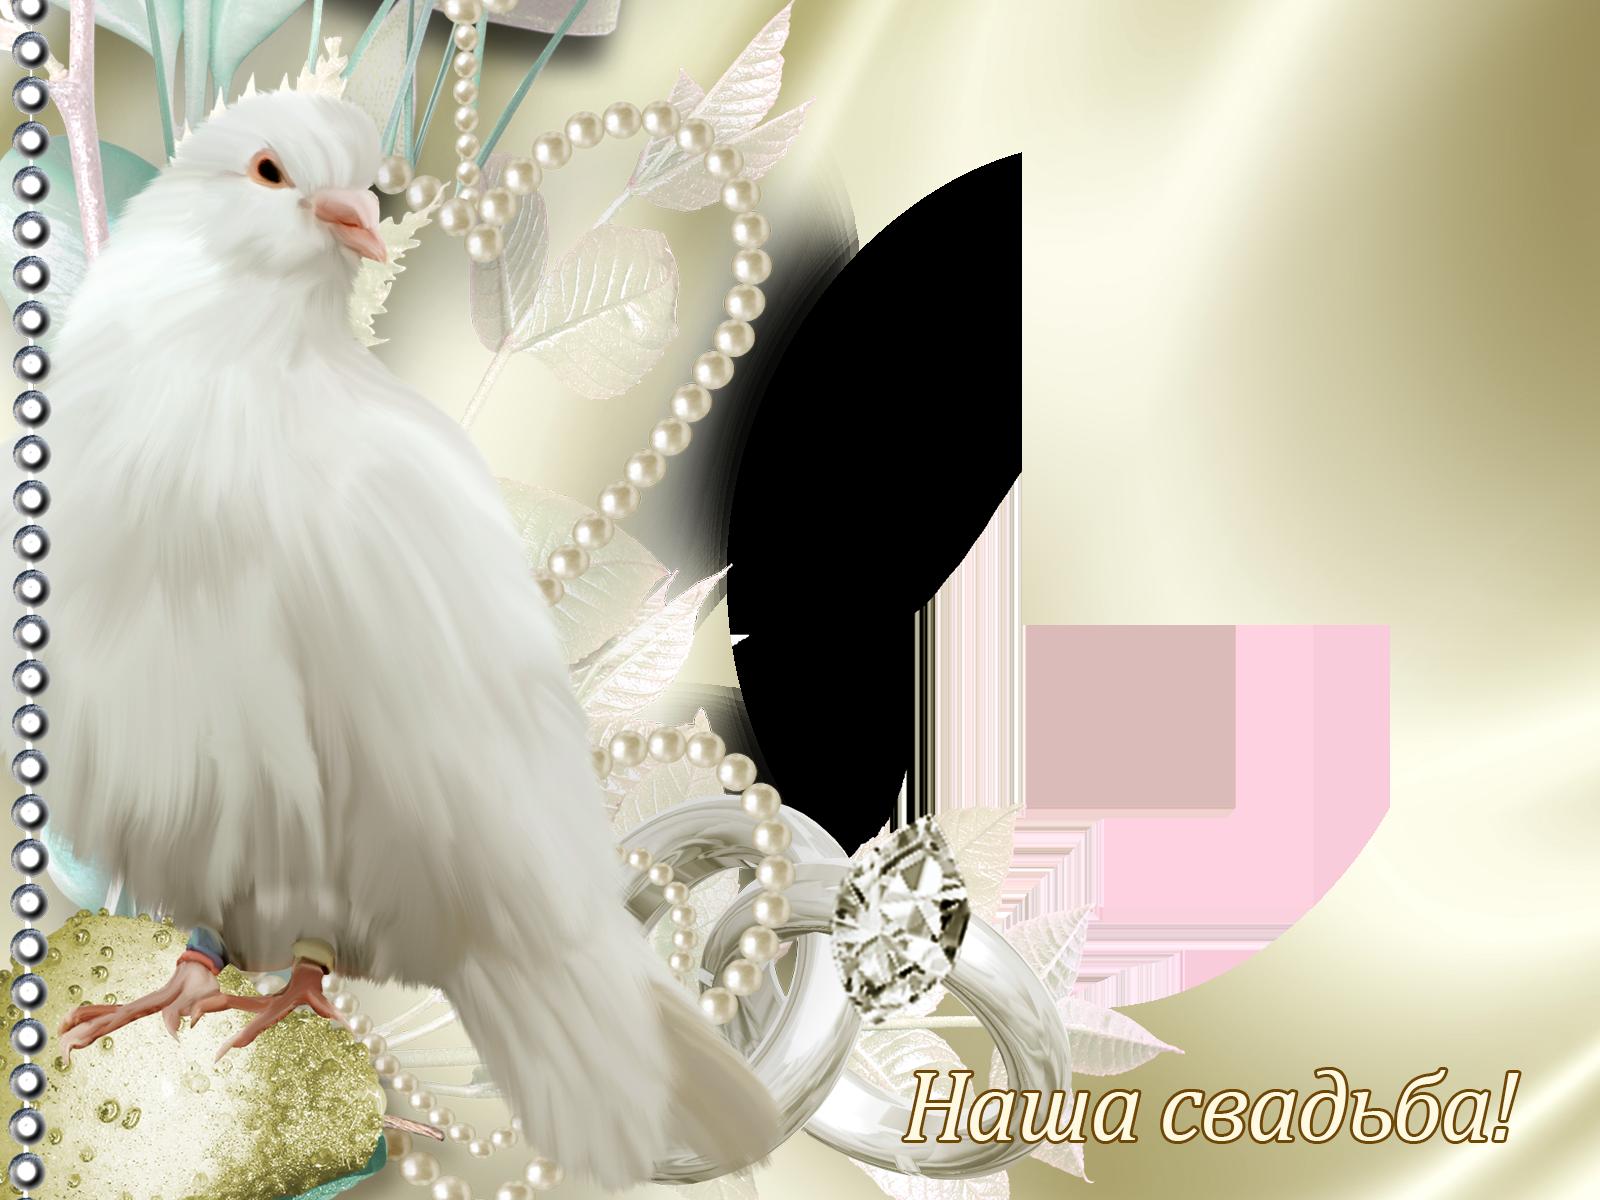 Фоторамка Фоторамка Наша Свадьба Фоторамка для фотошопа, PNG шаблон. Свадебная фоторамка с голубем. Белый голубь, жемчуг, круглая фоторамка, бриллианты.